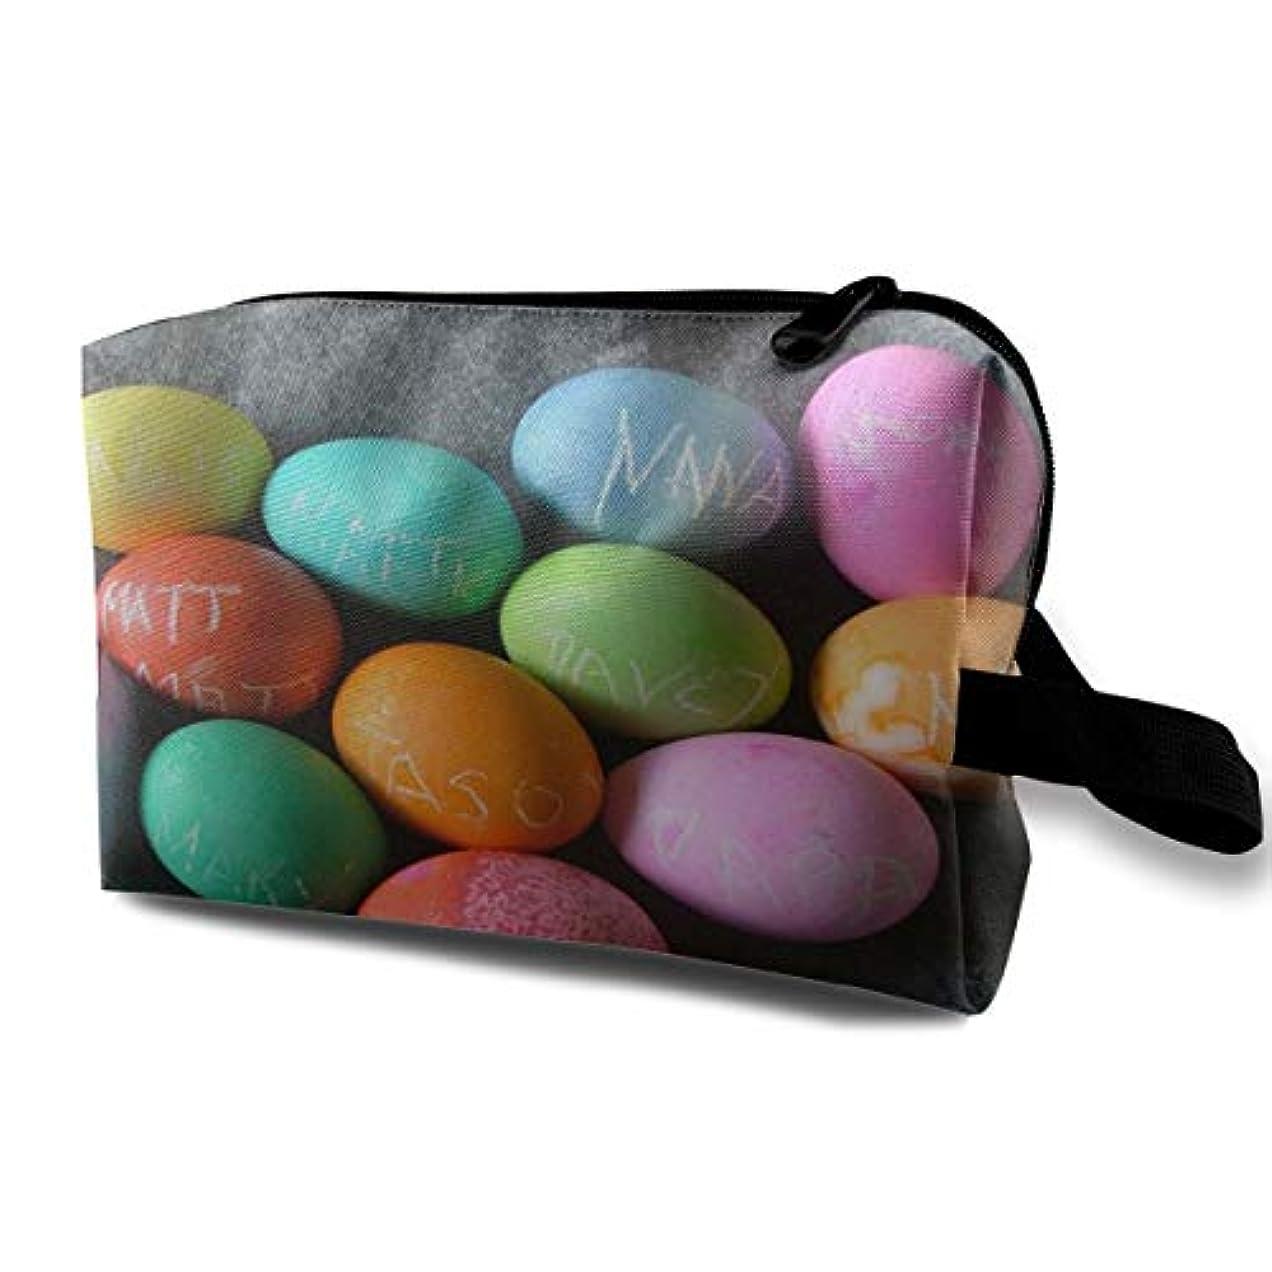 割り当てる優先権ヘッジEaster Eggs With Text 収納ポーチ 化粧ポーチ 大容量 軽量 耐久性 ハンドル付持ち運び便利。入れ 自宅?出張?旅行?アウトドア撮影などに対応。メンズ レディース トラベルグッズ